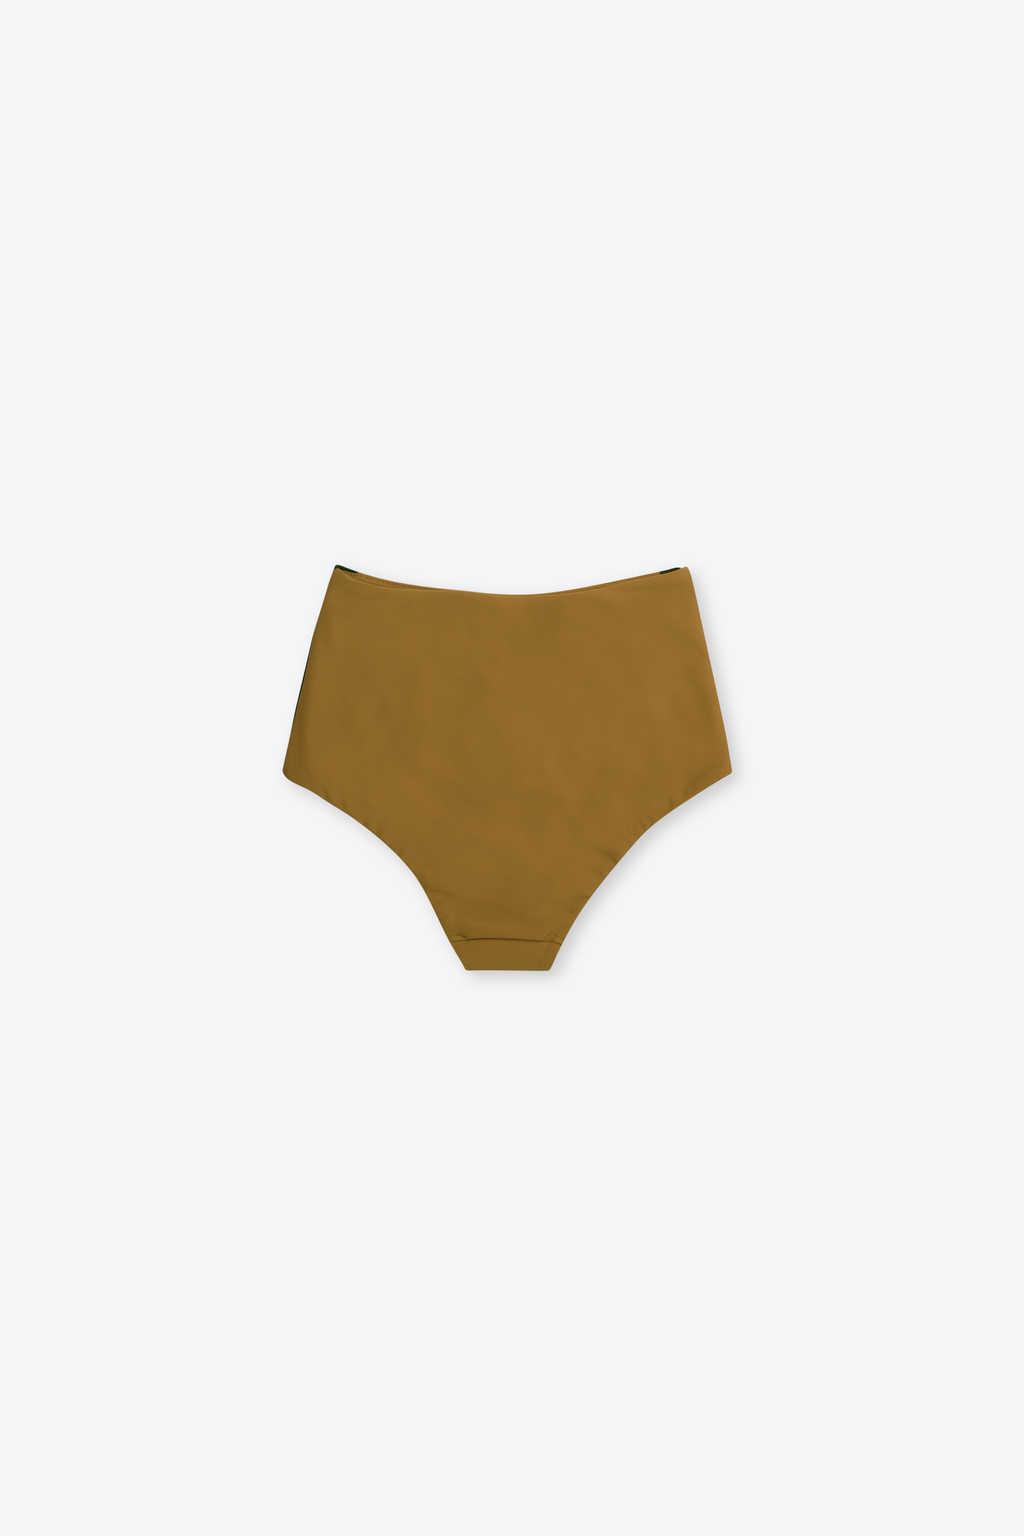 High Waist Bikini Bottom 2205 Olive 5